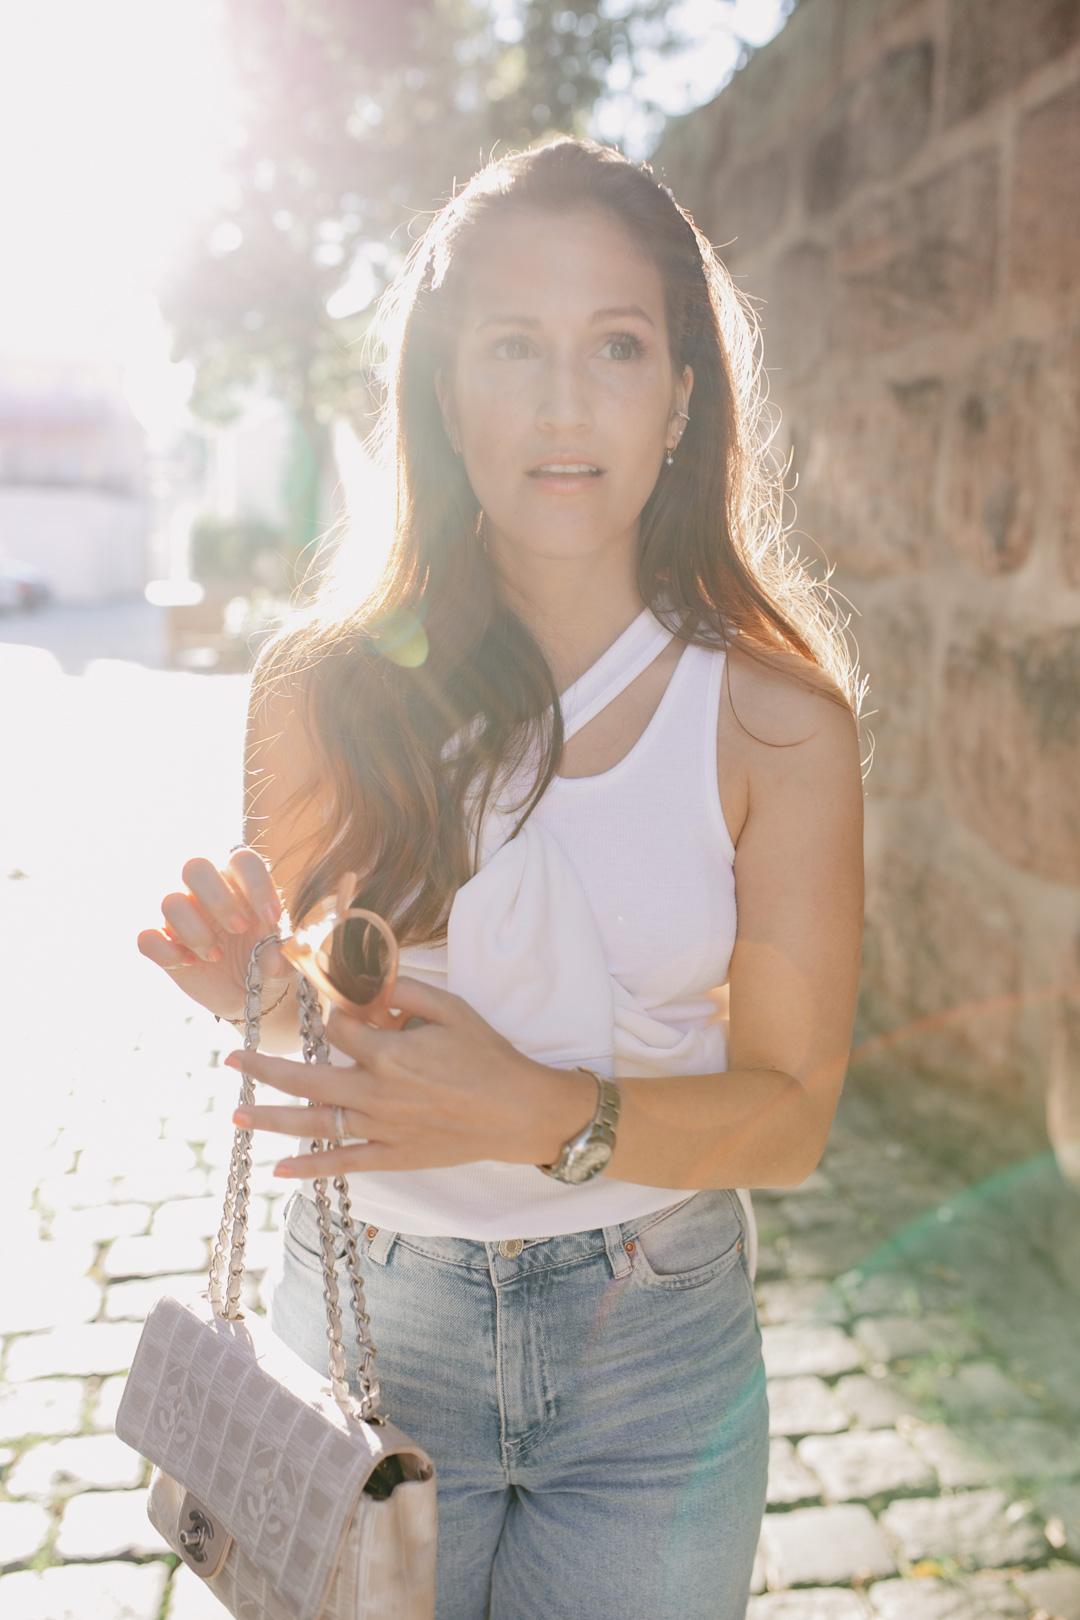 Ein herbstlich luftiges Outfit in den Trendfarben Herbst 2020. Und eines ist sicher, farblich geht von absolut knallig bis angenehm neutral alles. Somit ist auch für jeden Geschmack etwas dabei! Mehr dazu findet jetzt auf www.piecesofmariposa.com